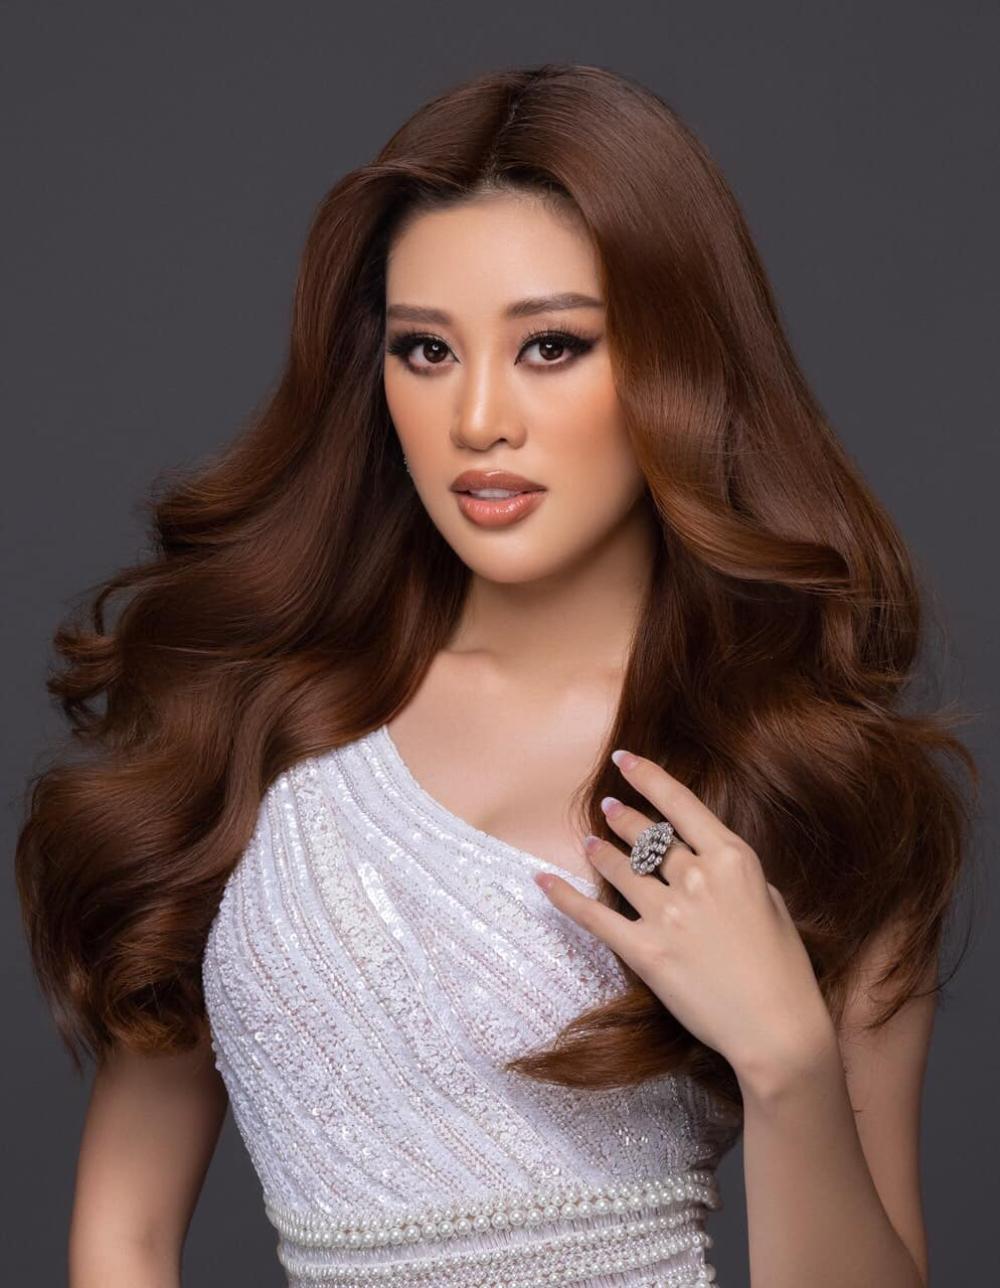 Missosology công bố dự đoán Tân Hoa hậu Hoàn vũ: Mỹ nhân Philippines lọt Top 5, Bolivia sẽ đăng quang? Ảnh 9